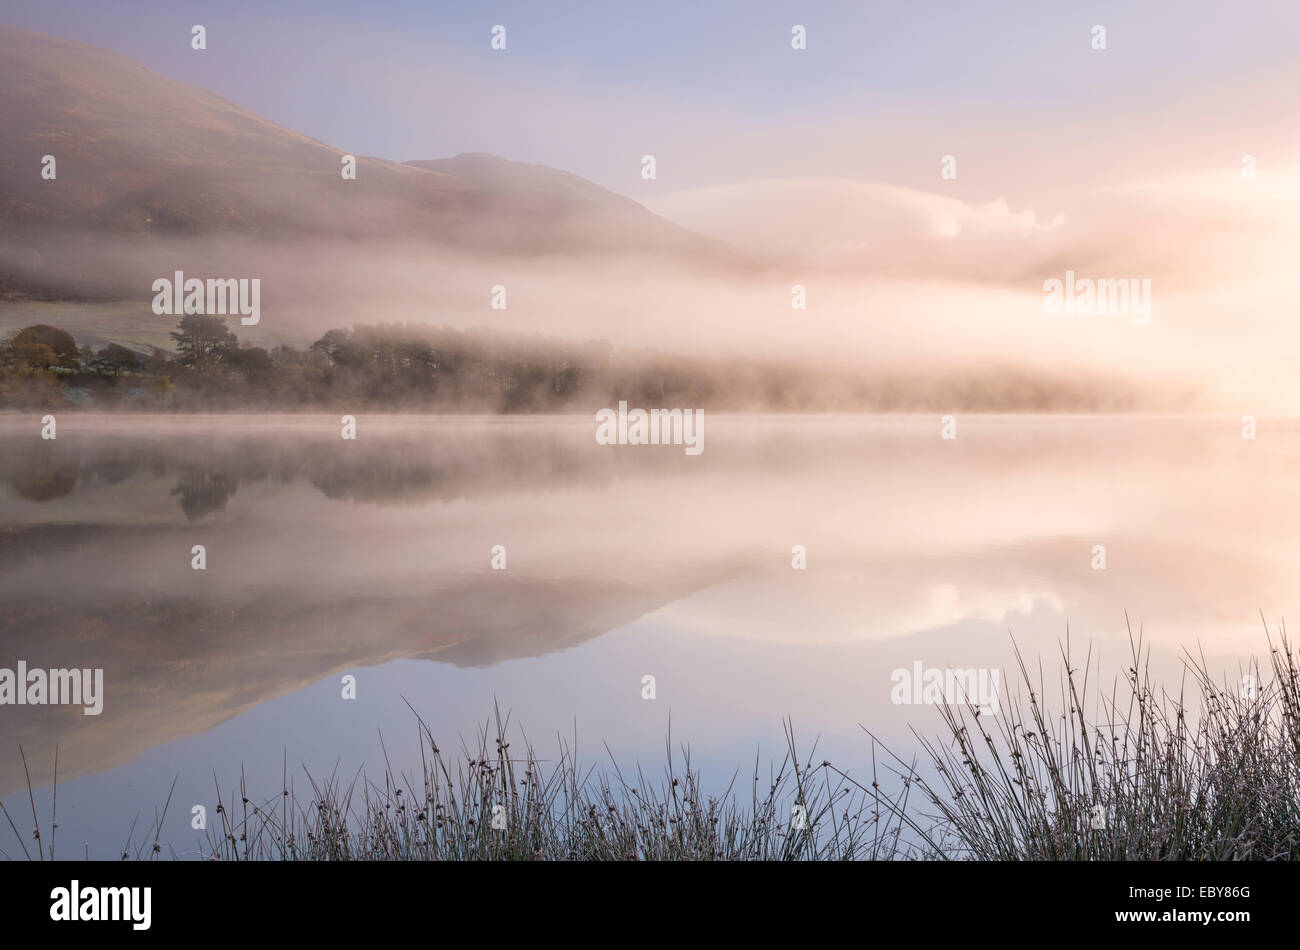 A lo largo de Loweswater Misty mañana en el Lake District, Cumbria, Inglaterra. Otoño (Noviembre) de 2013. Foto de stock